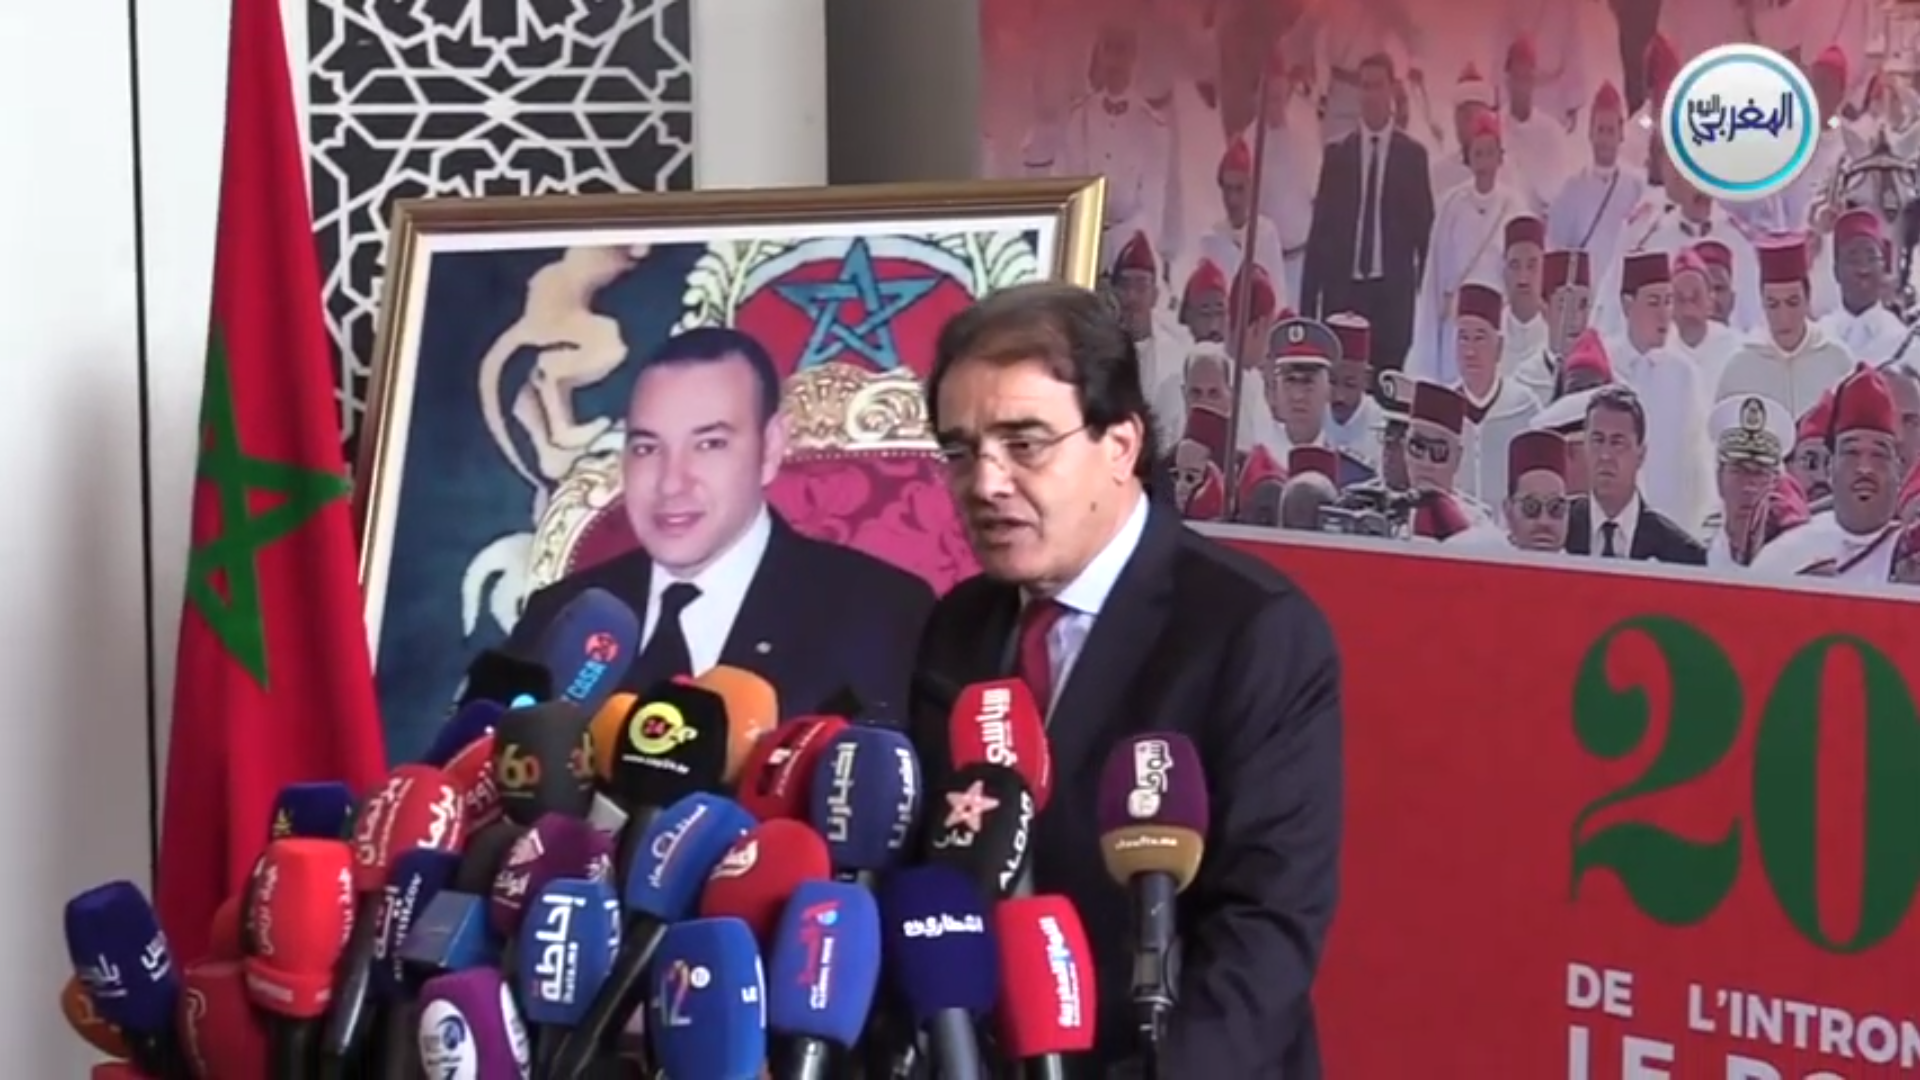 بالفيديو… الوزير بنعتيق يجمع مغاربة العالم للاحتفال بالذكرى 20 لعيد العرش ويستعرض بفخر حصيلة المنجزات الملكية